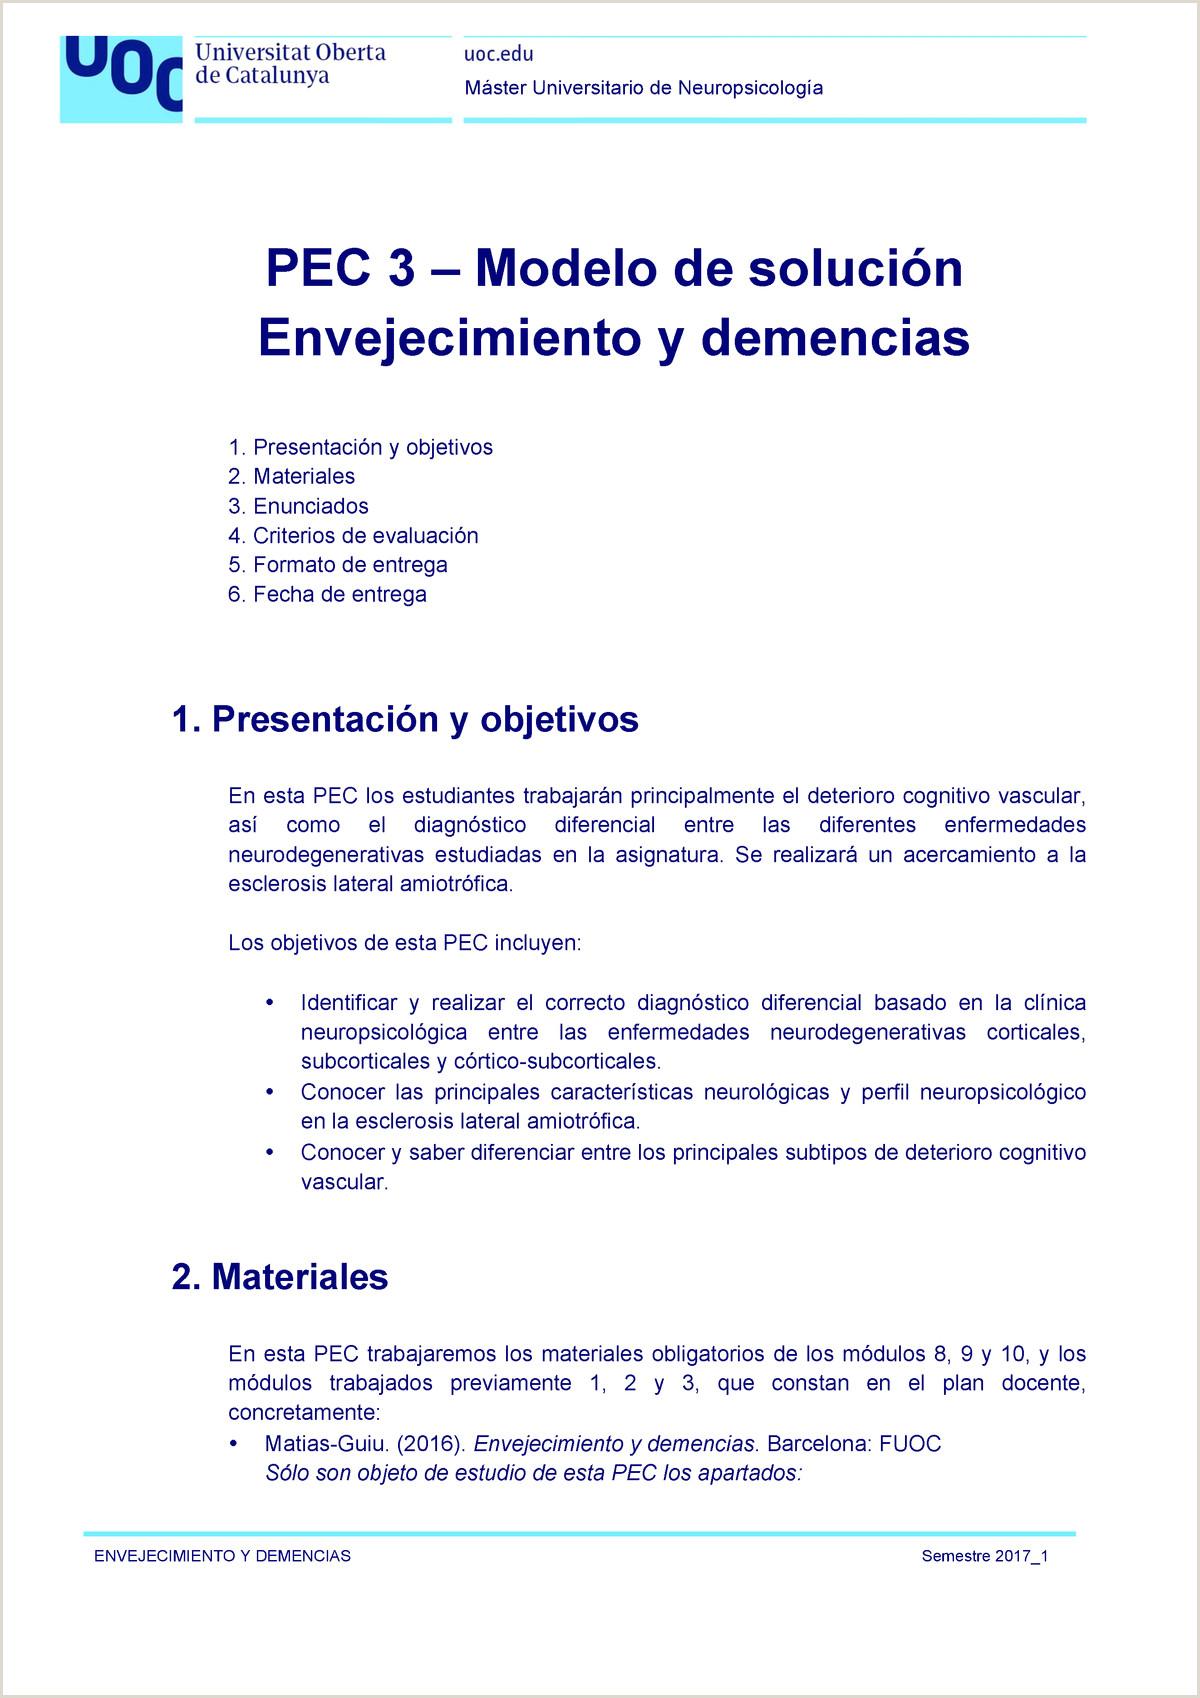 Formato Hoja De Vida Docx M0 355 Pec 3 solucion Envejecimiento Y Demencias 2017 1 2